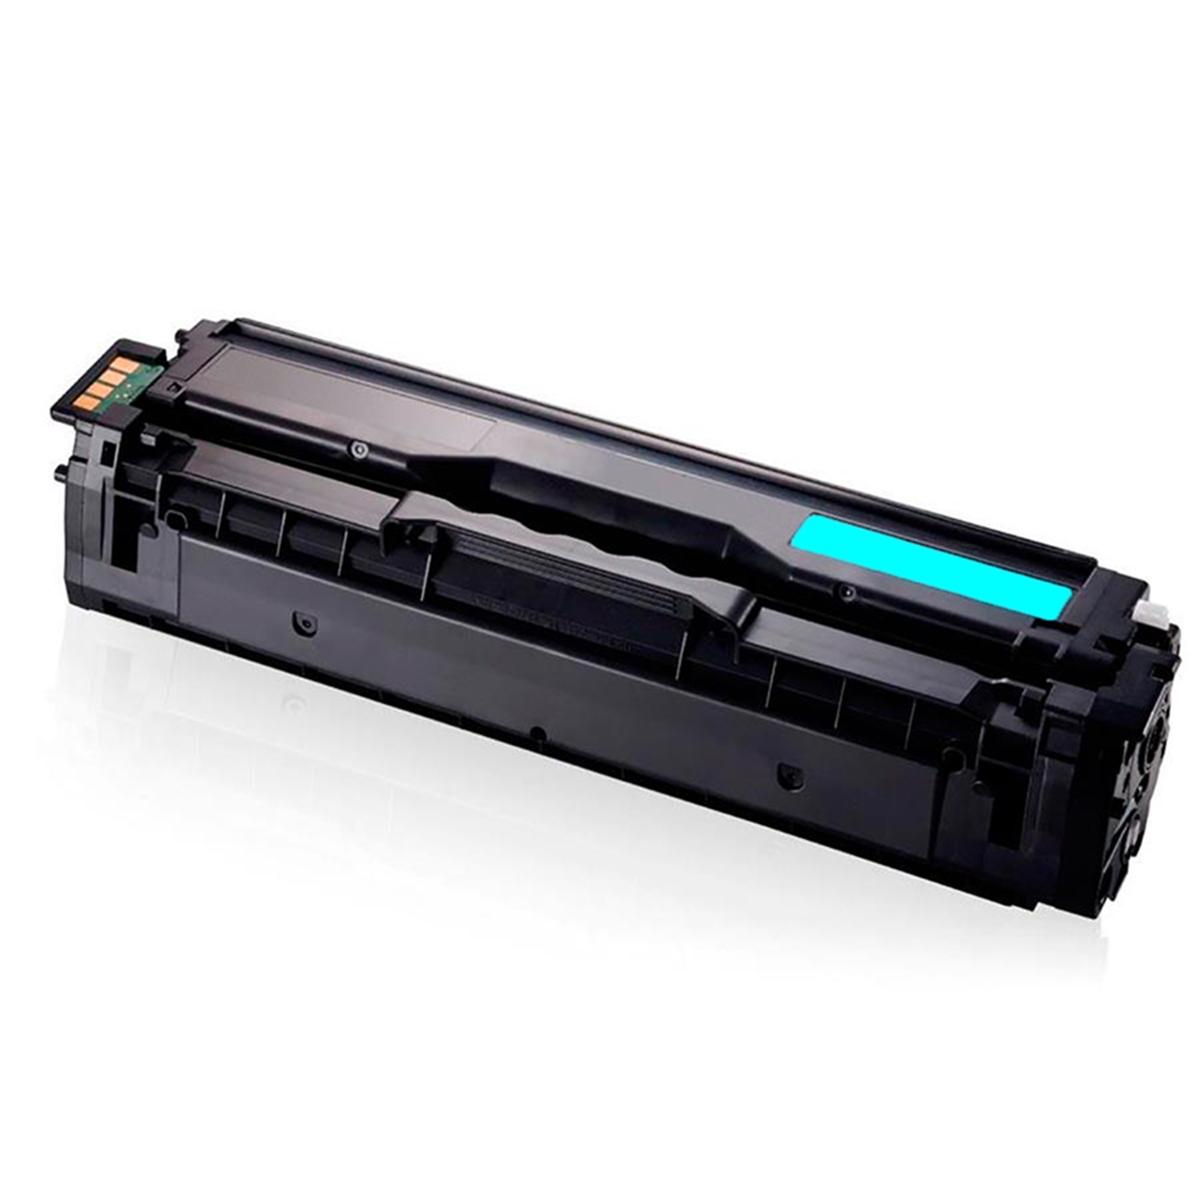 Compativel: Toner novasupri Samsung CLT-C504S 504S Cyan CLX4195FN CLX4195FW CLP415NW C1860FW 1.8k